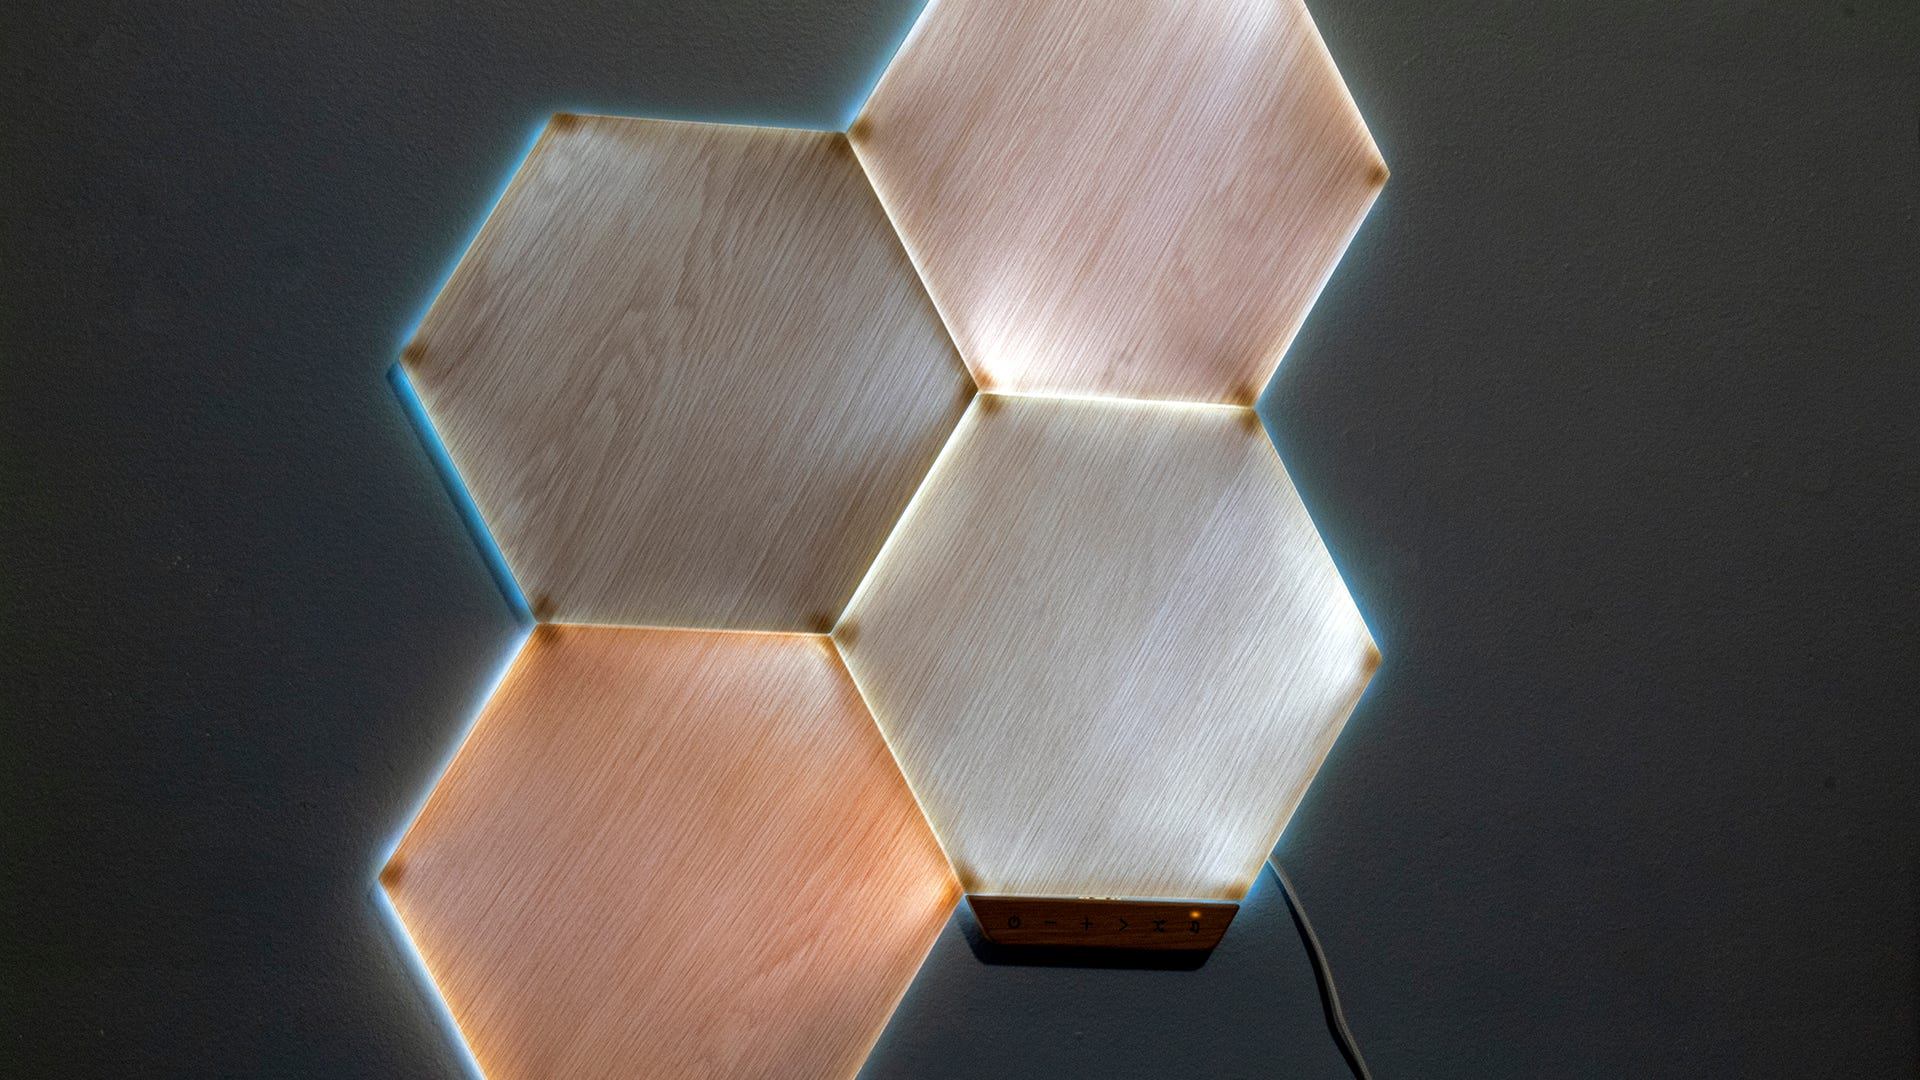 A closeup of lit woodgrain hexagon panels.